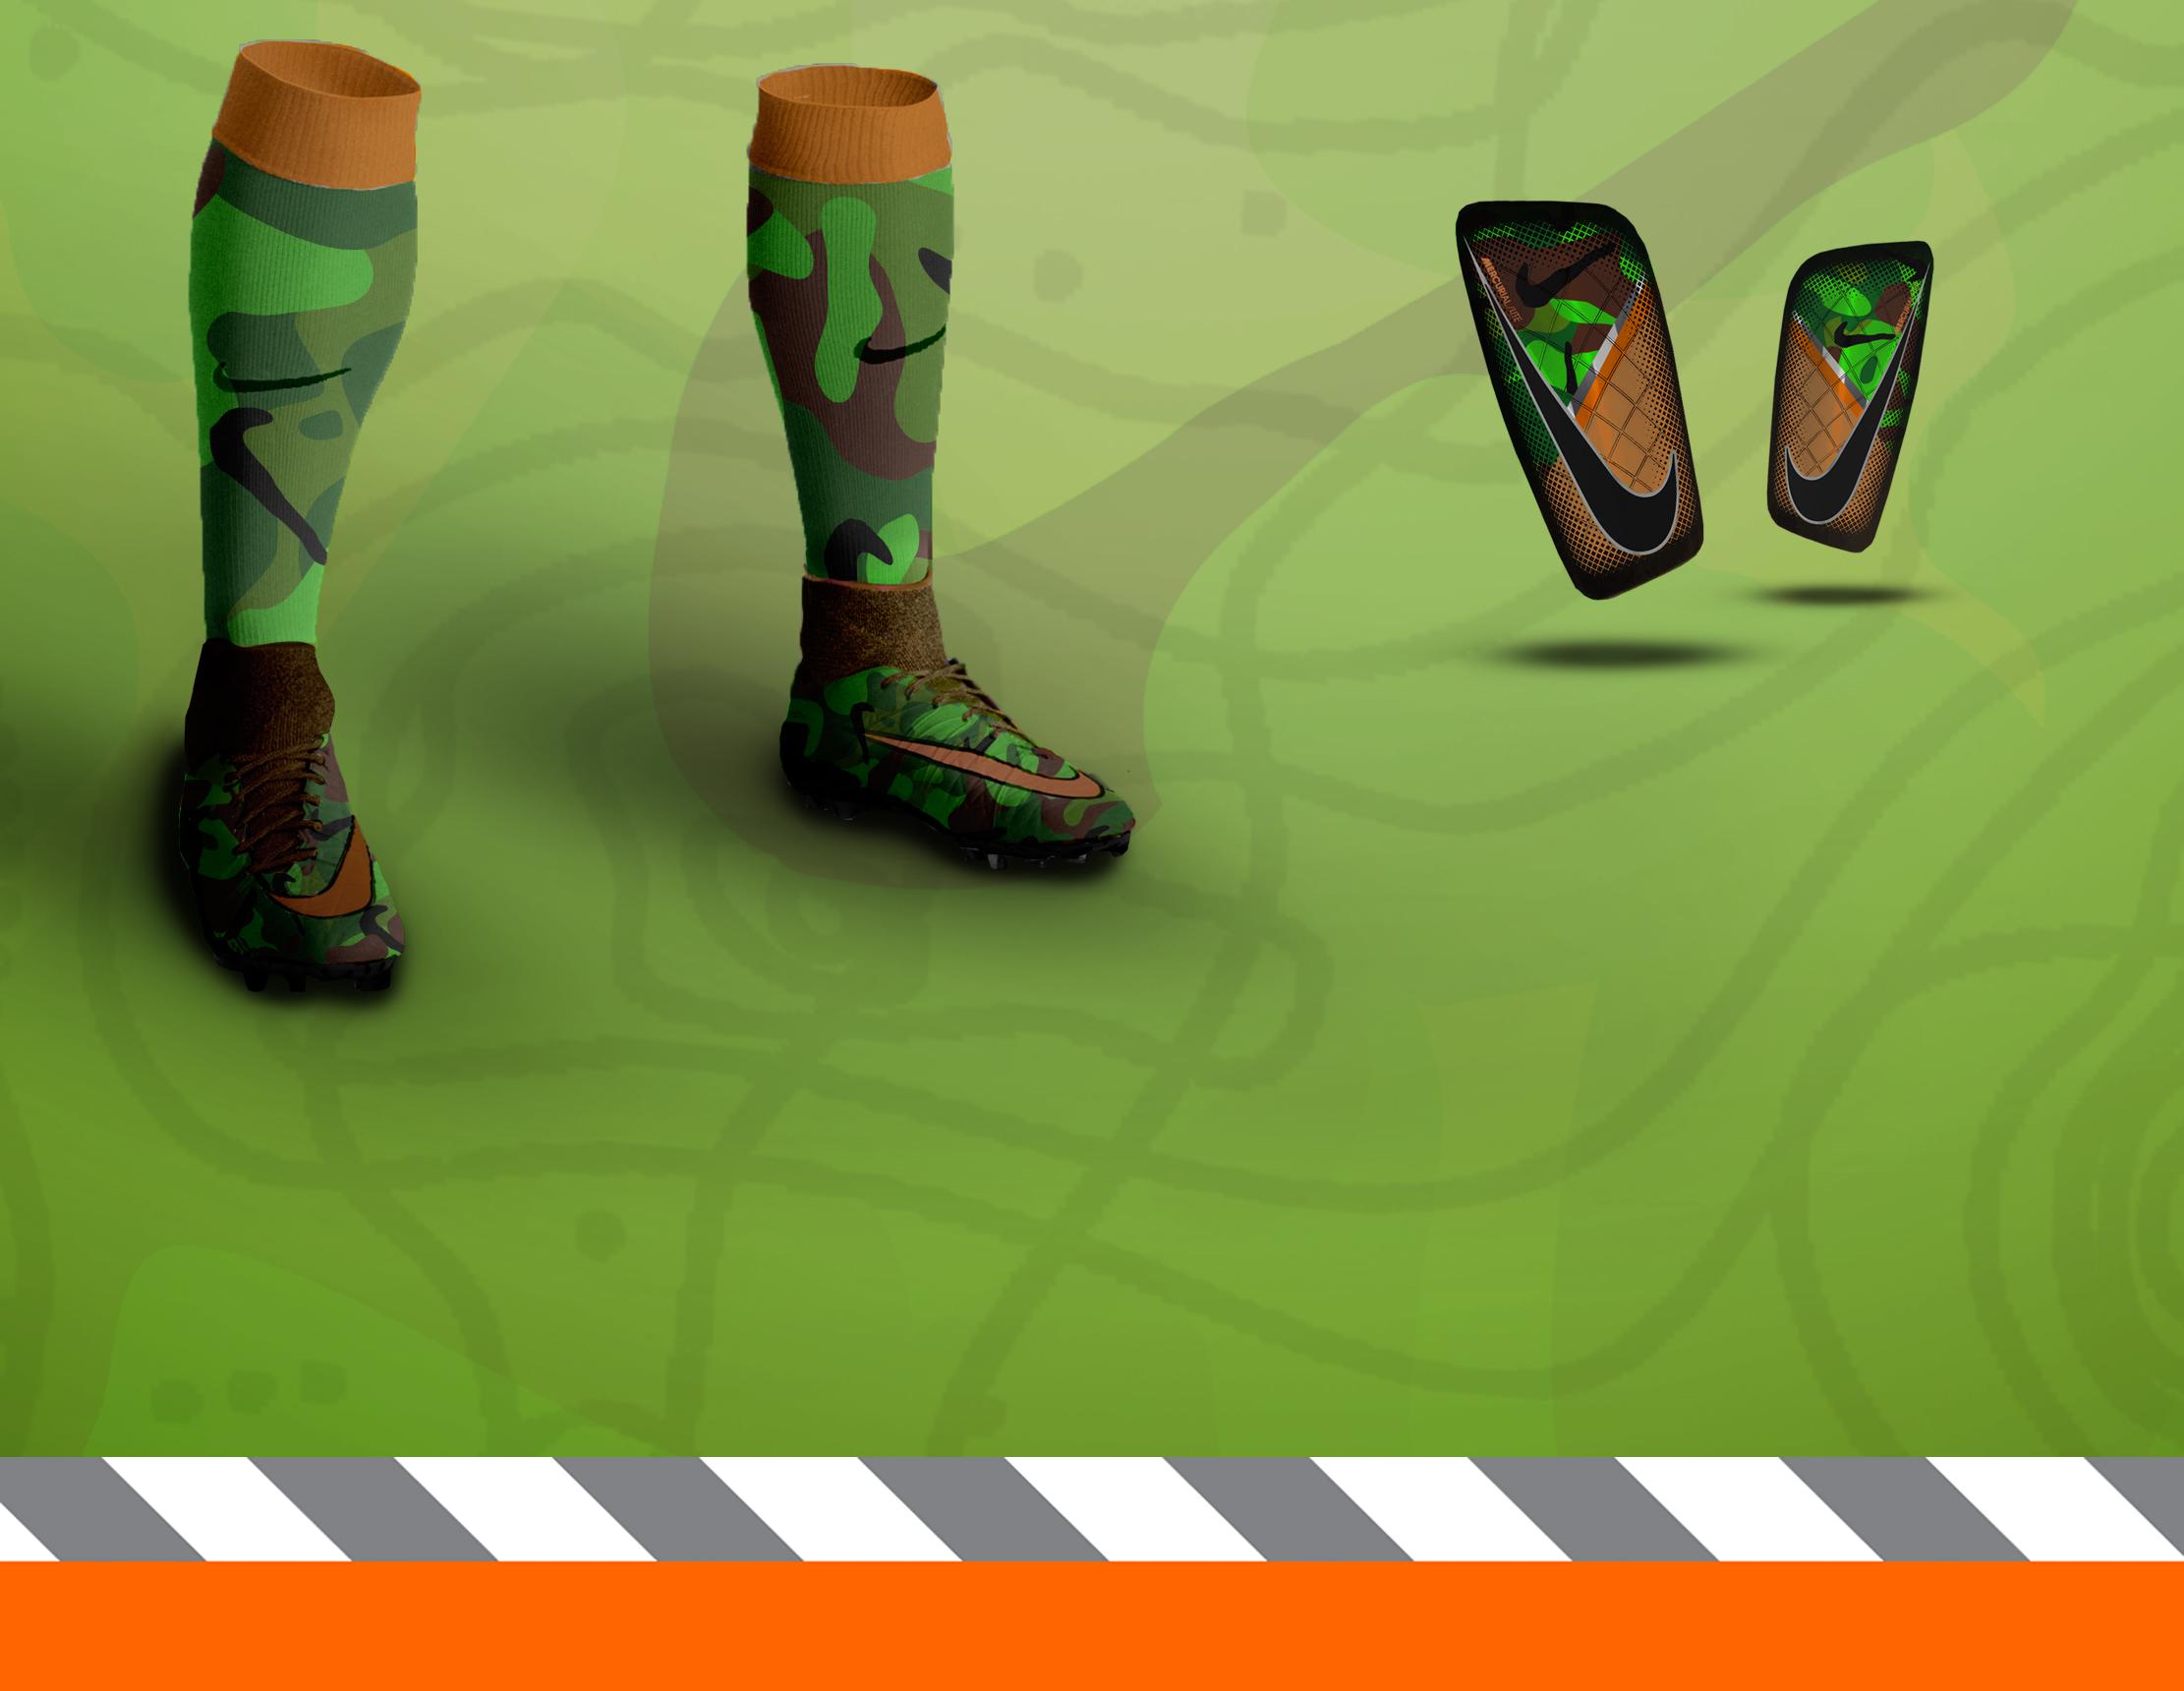 003-03-Nike_Timeline-My_Nike_Pieces-Camo-Gump.jpg